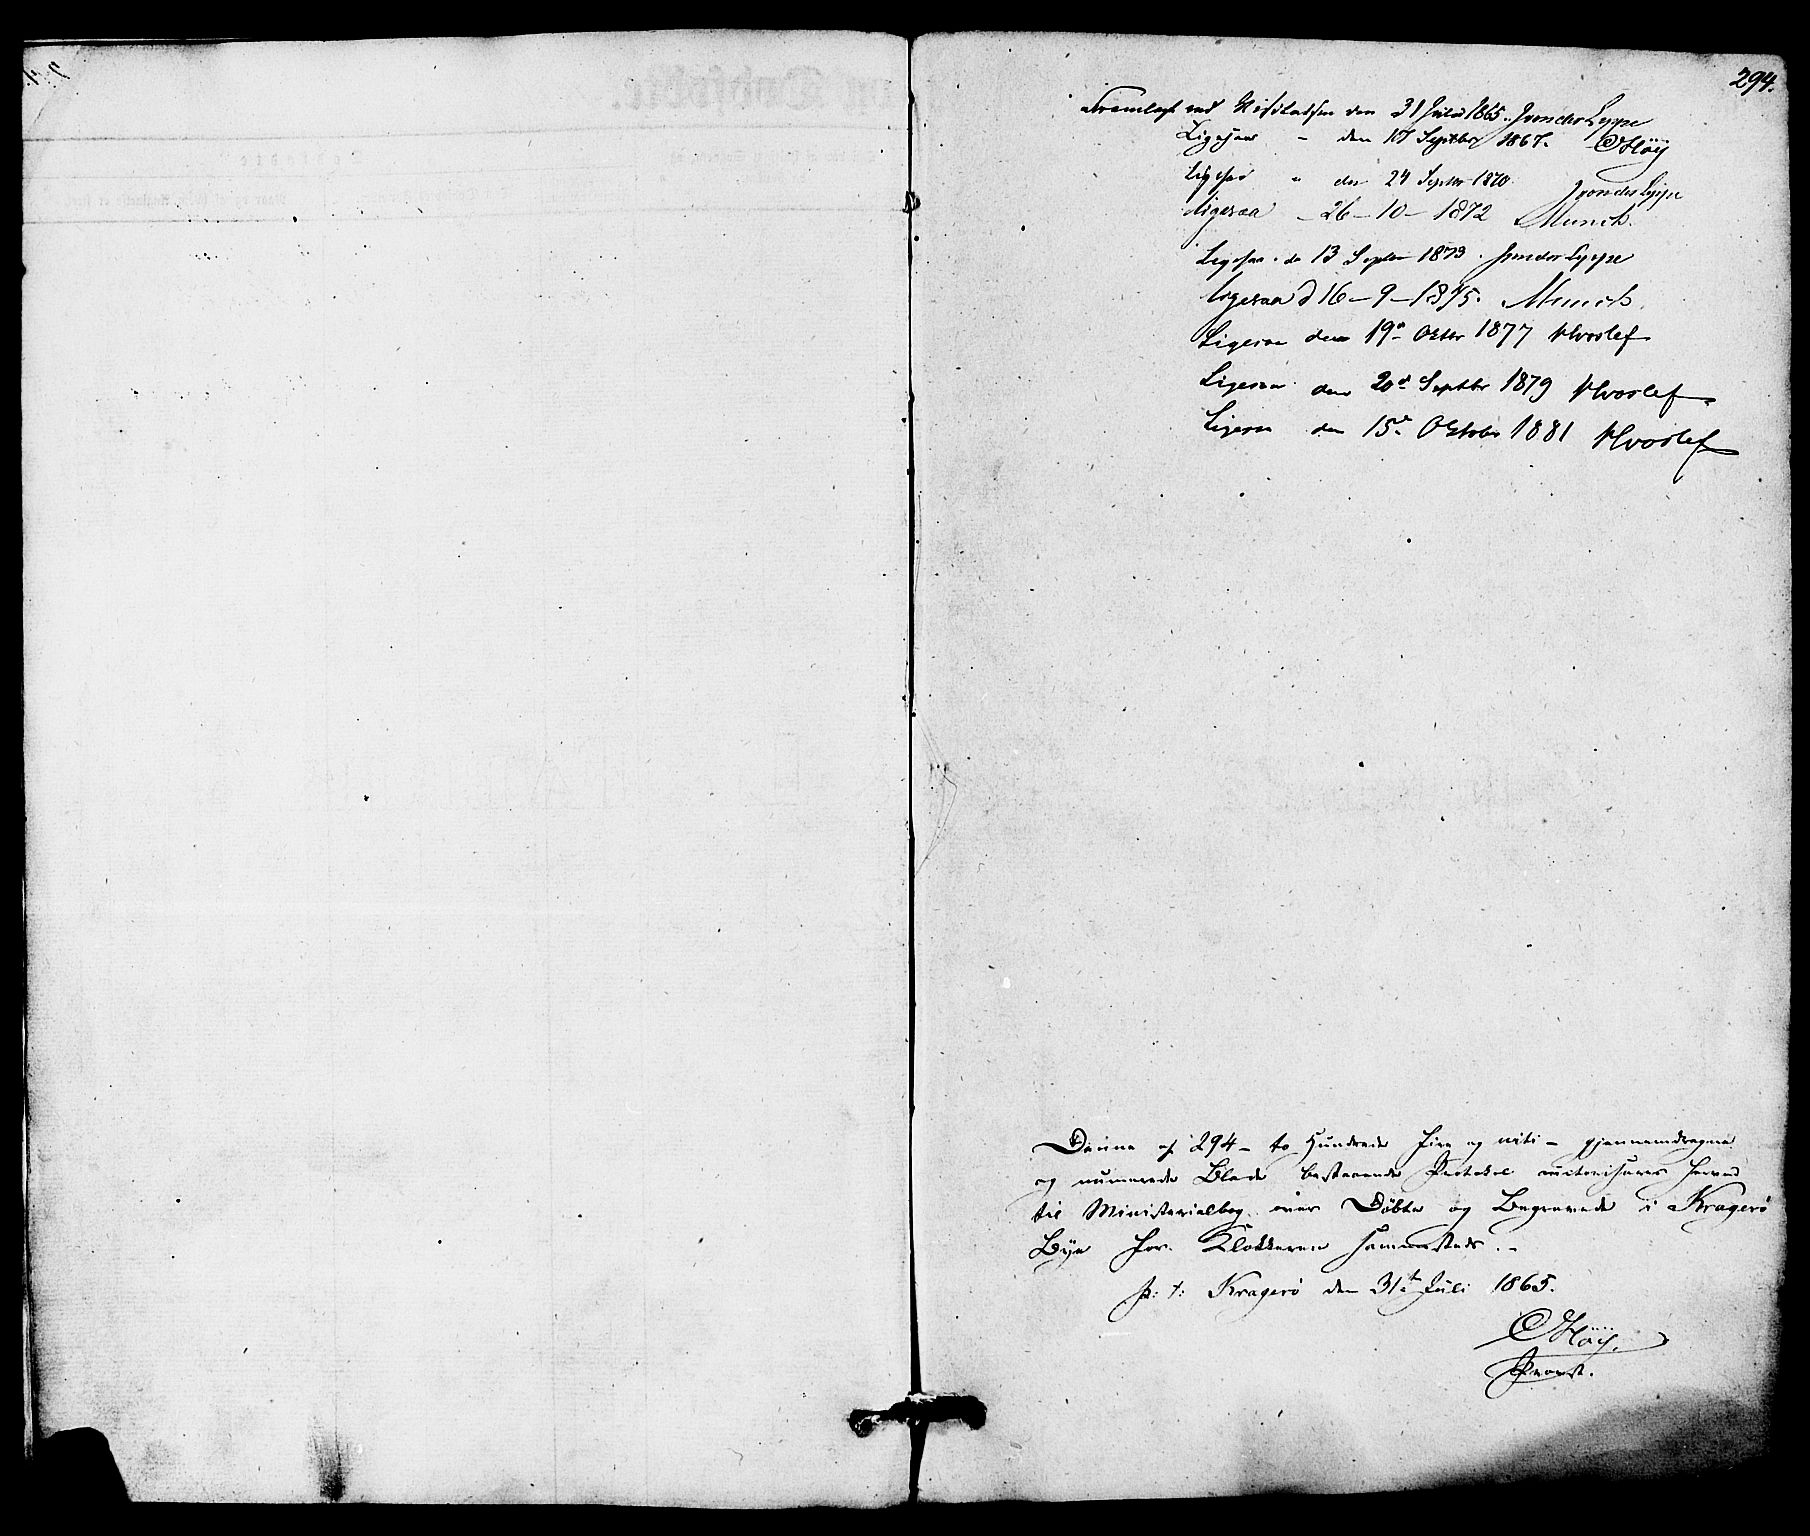 SAKO, Kragerø kirkebøker, G/Ga/L0005: Klokkerbok nr. 5, 1865-1881, s. 294